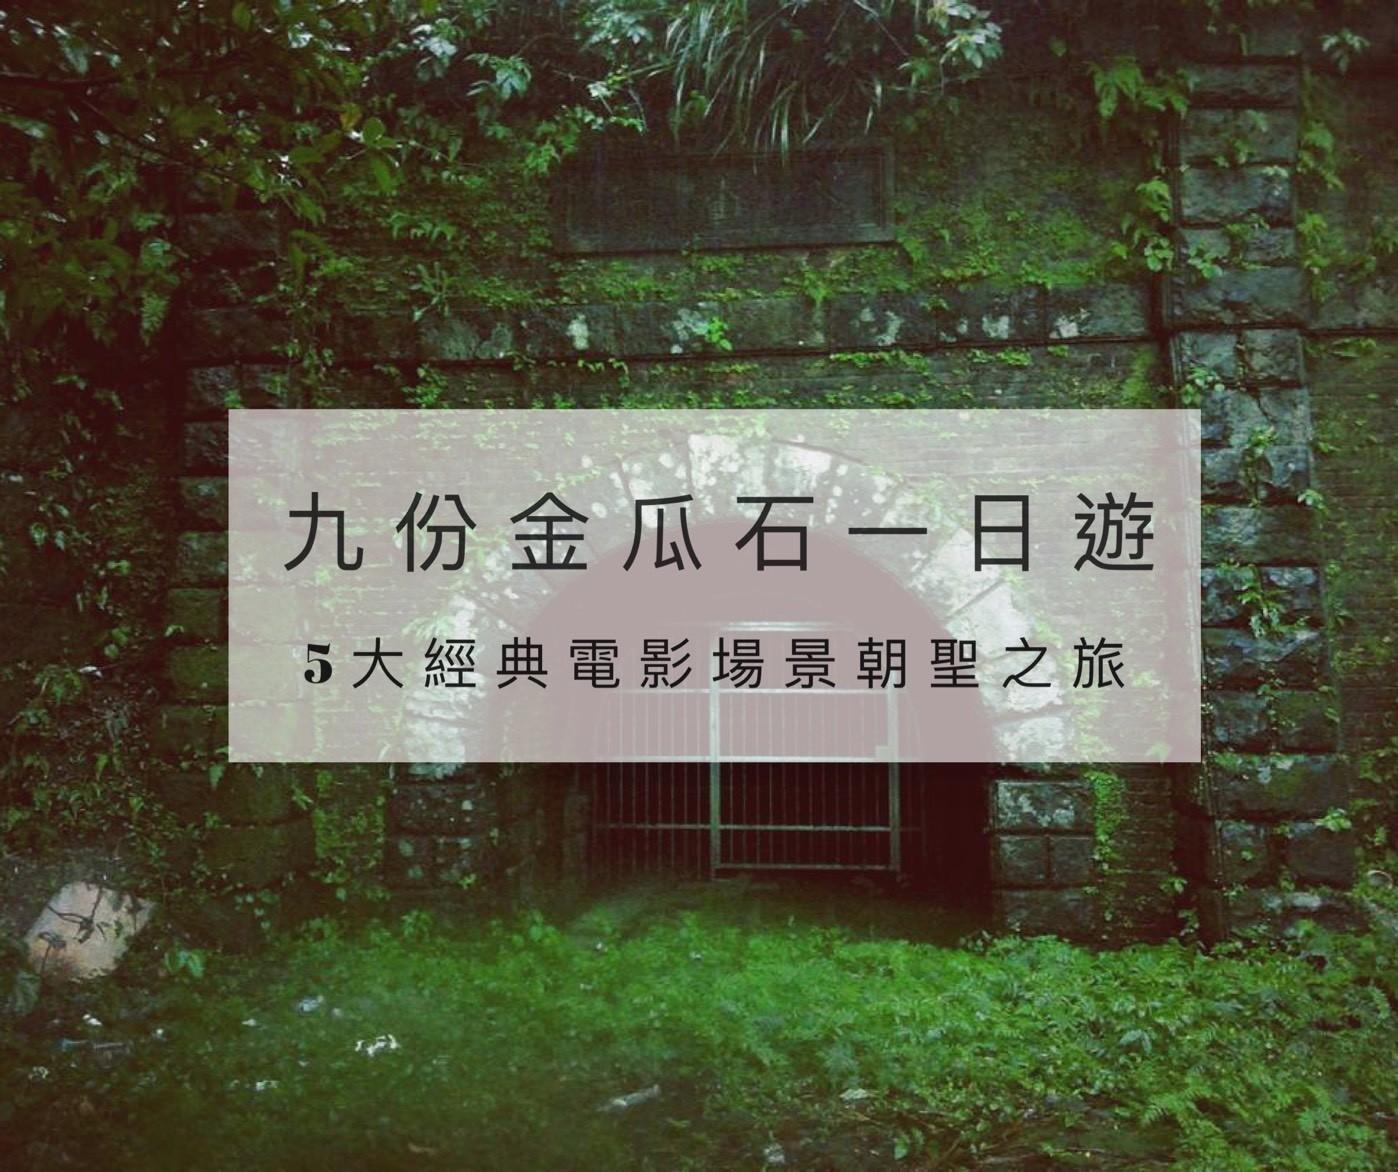 九份金瓜石一日遊 |5 大經典電影場景 【朝聖之旅】